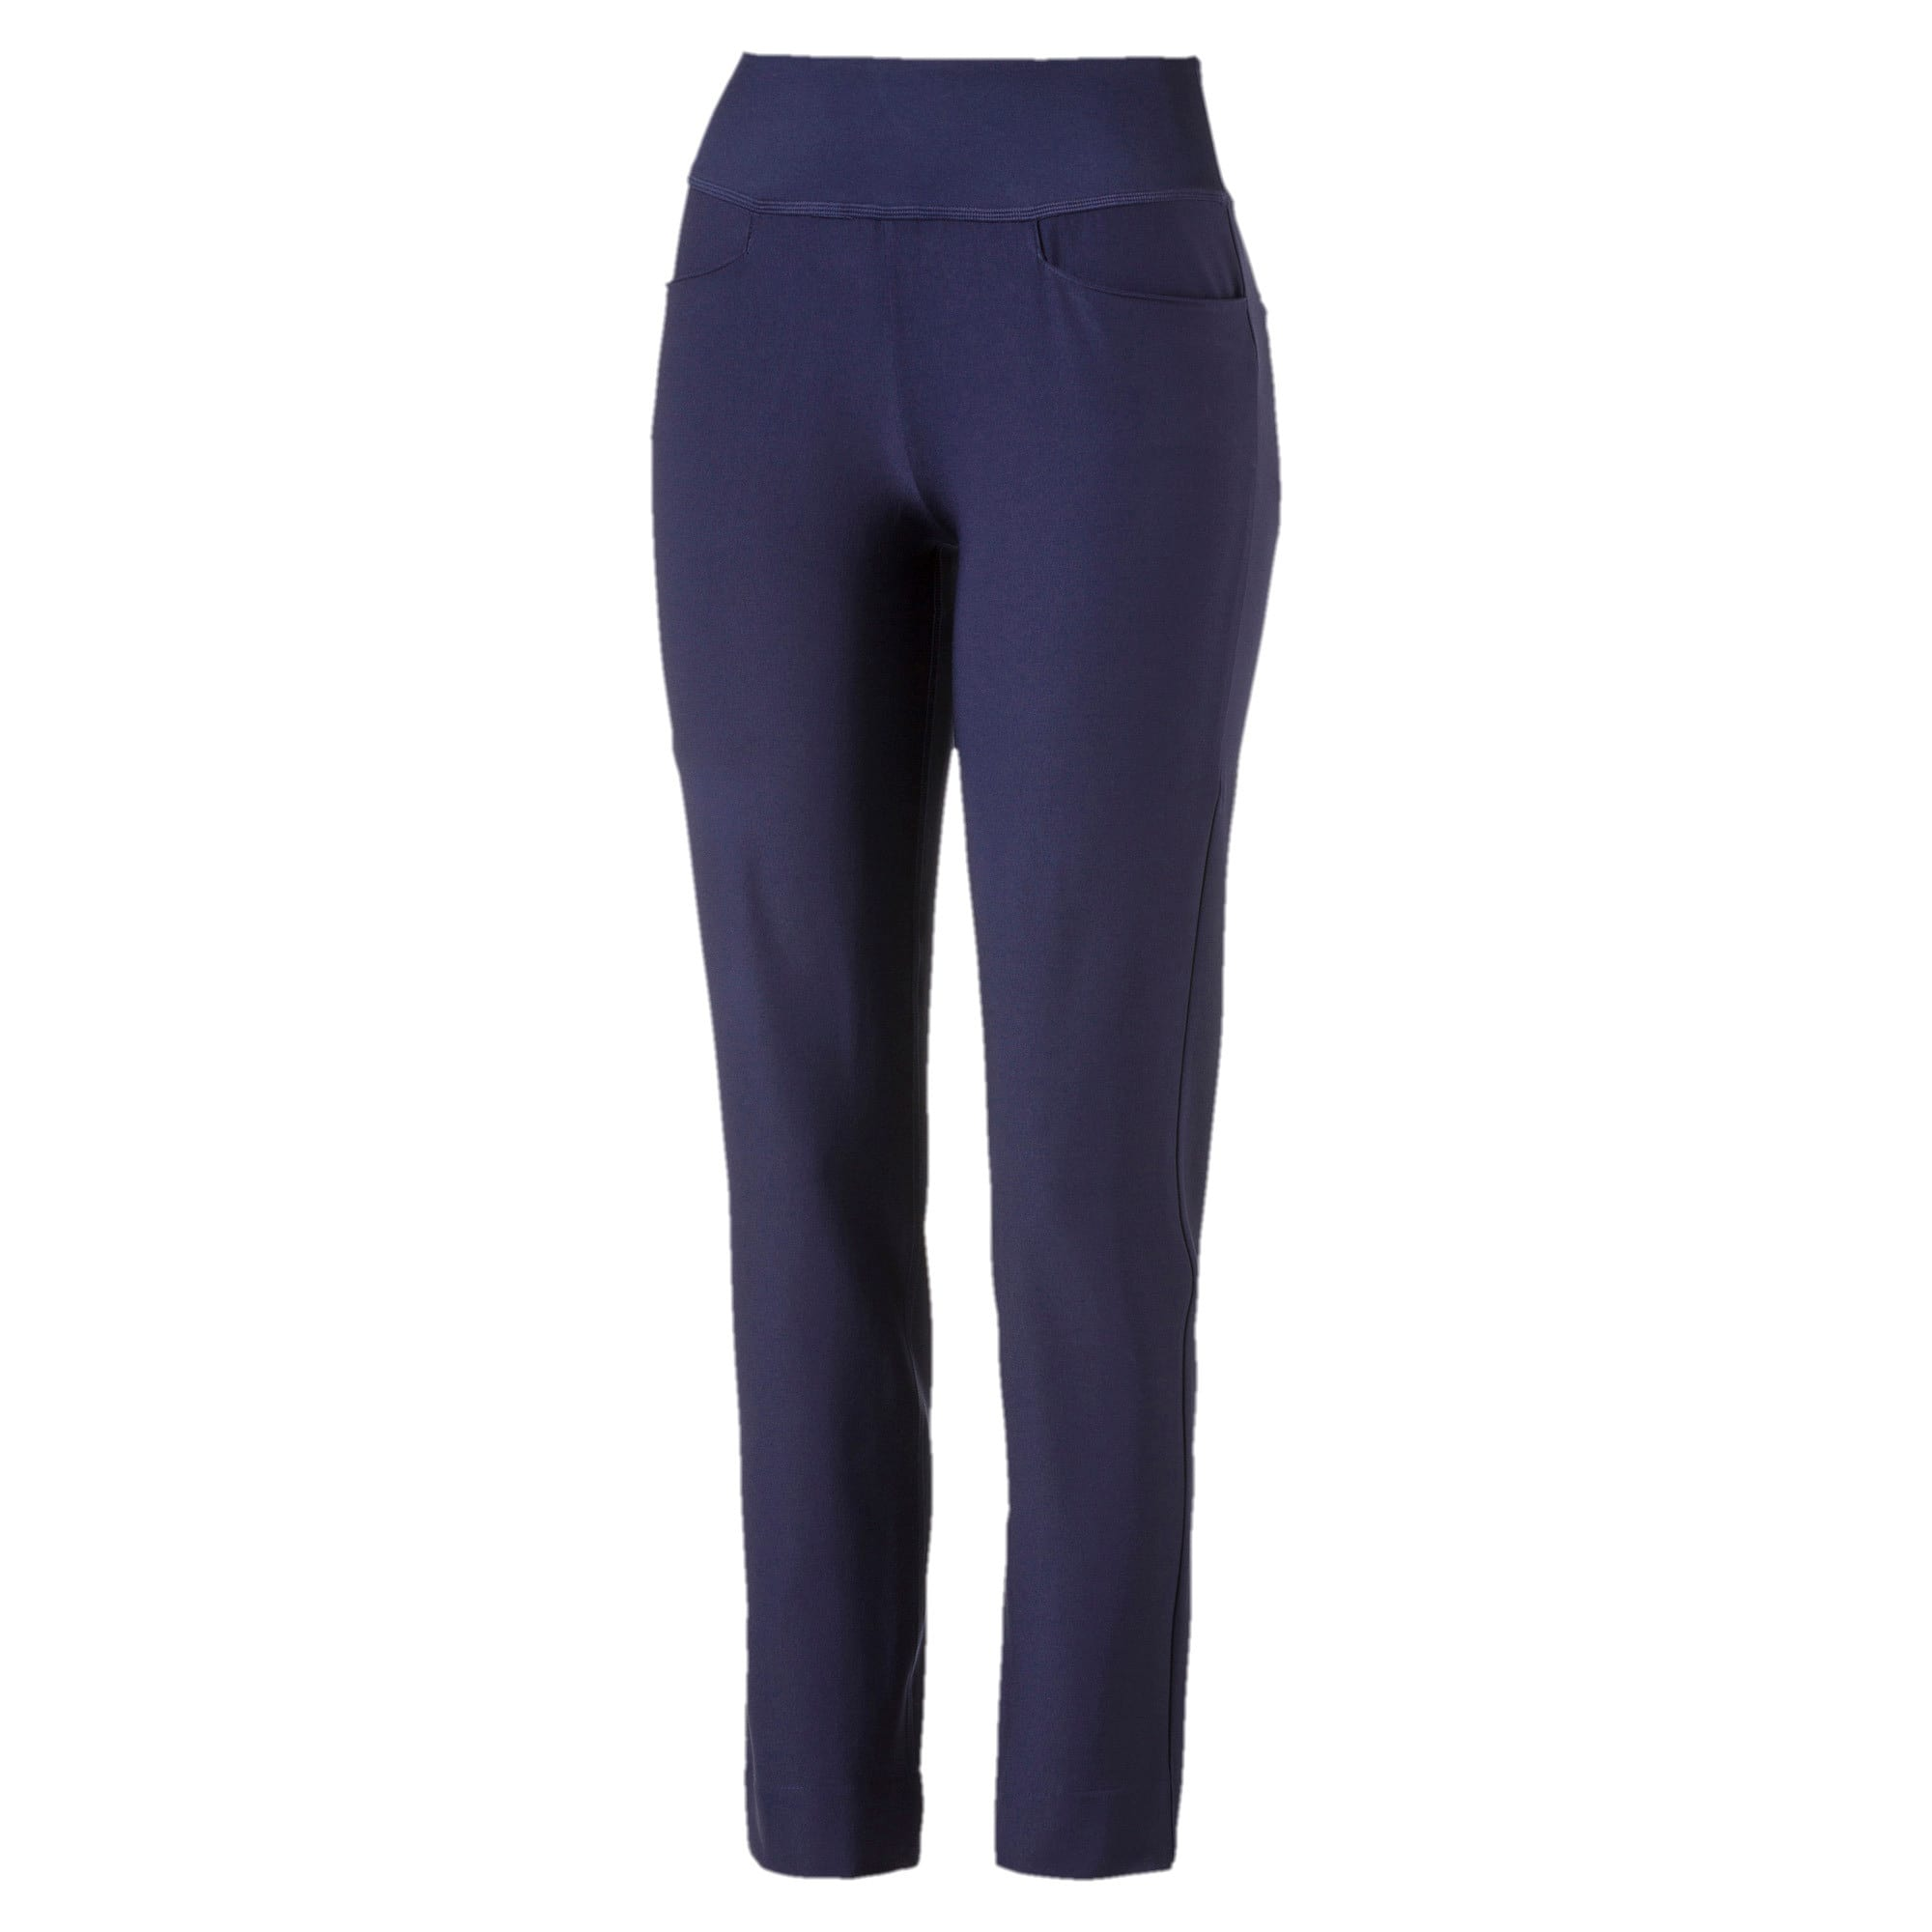 Thumbnail 4 of Golf - PWRSHAPE broek met elastische taille voor dames, Peacoat, medium